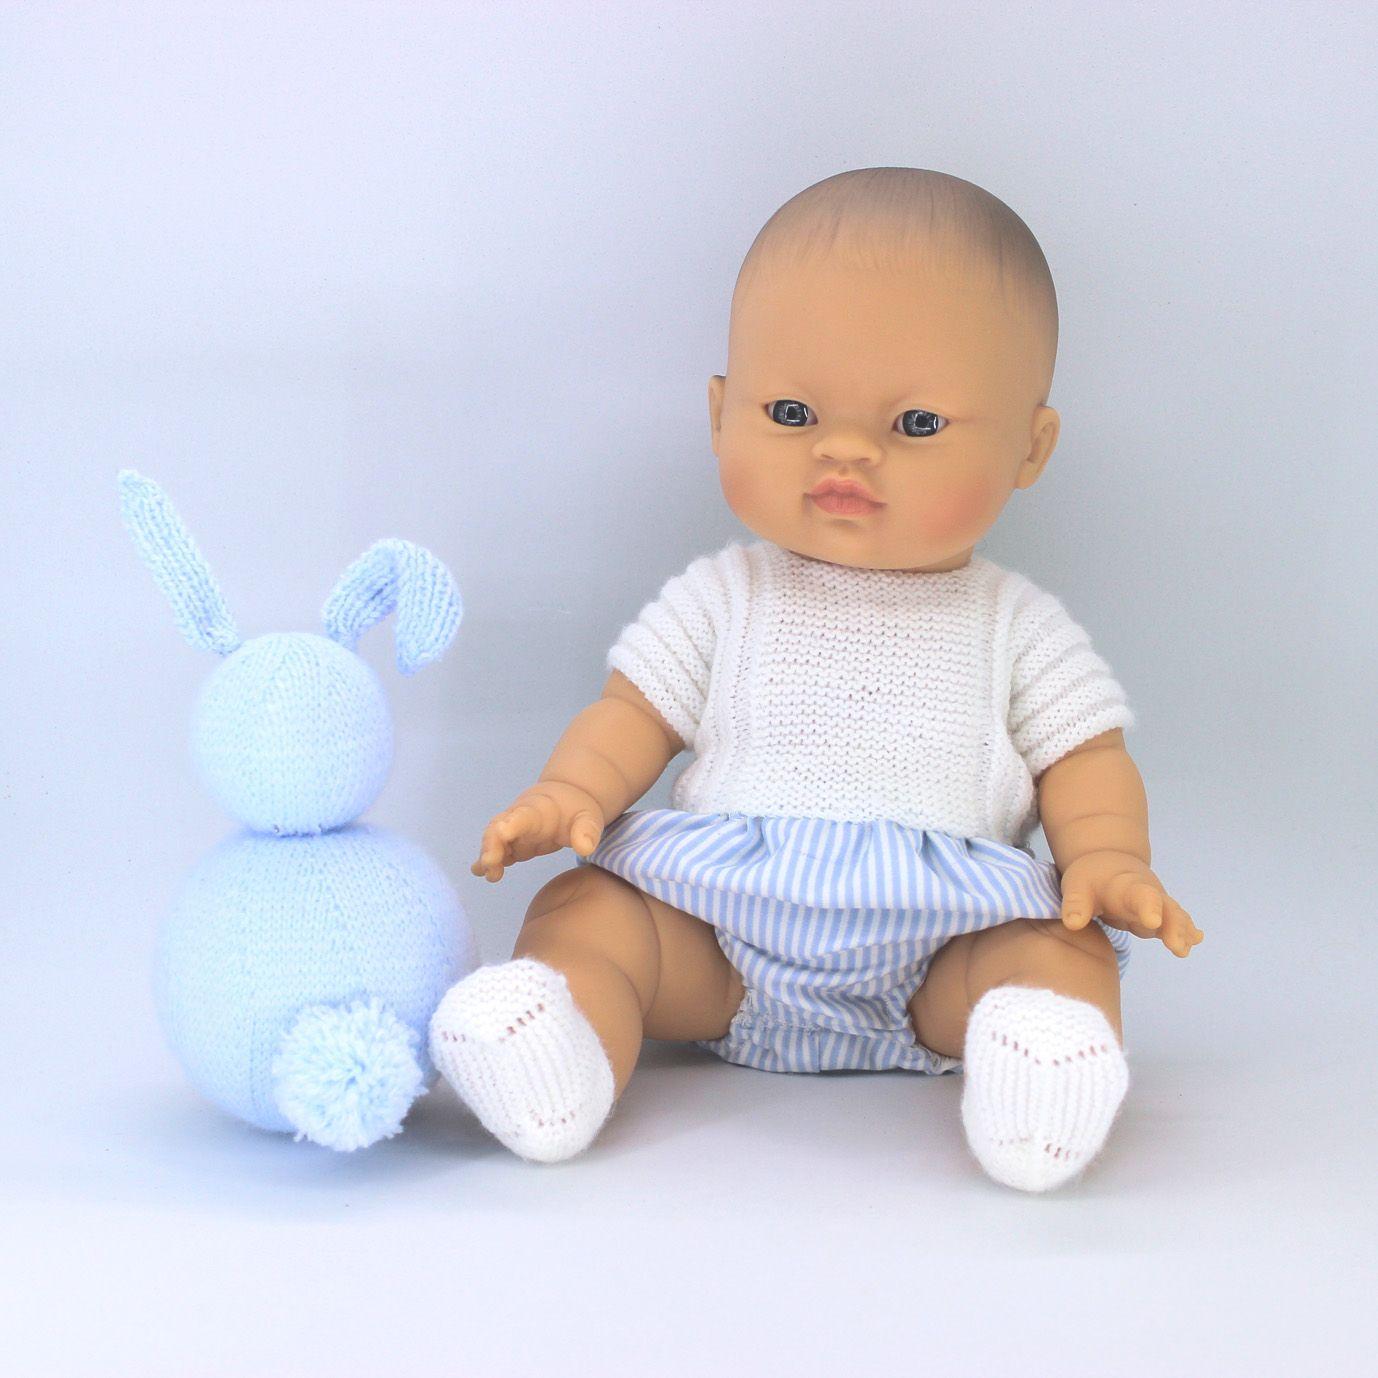 Patrón conjunto pelele lana y tela y zapatos punto dos agujas mi primer Nenuco 32 cm y Gordis de Paola Reina de 34 cm